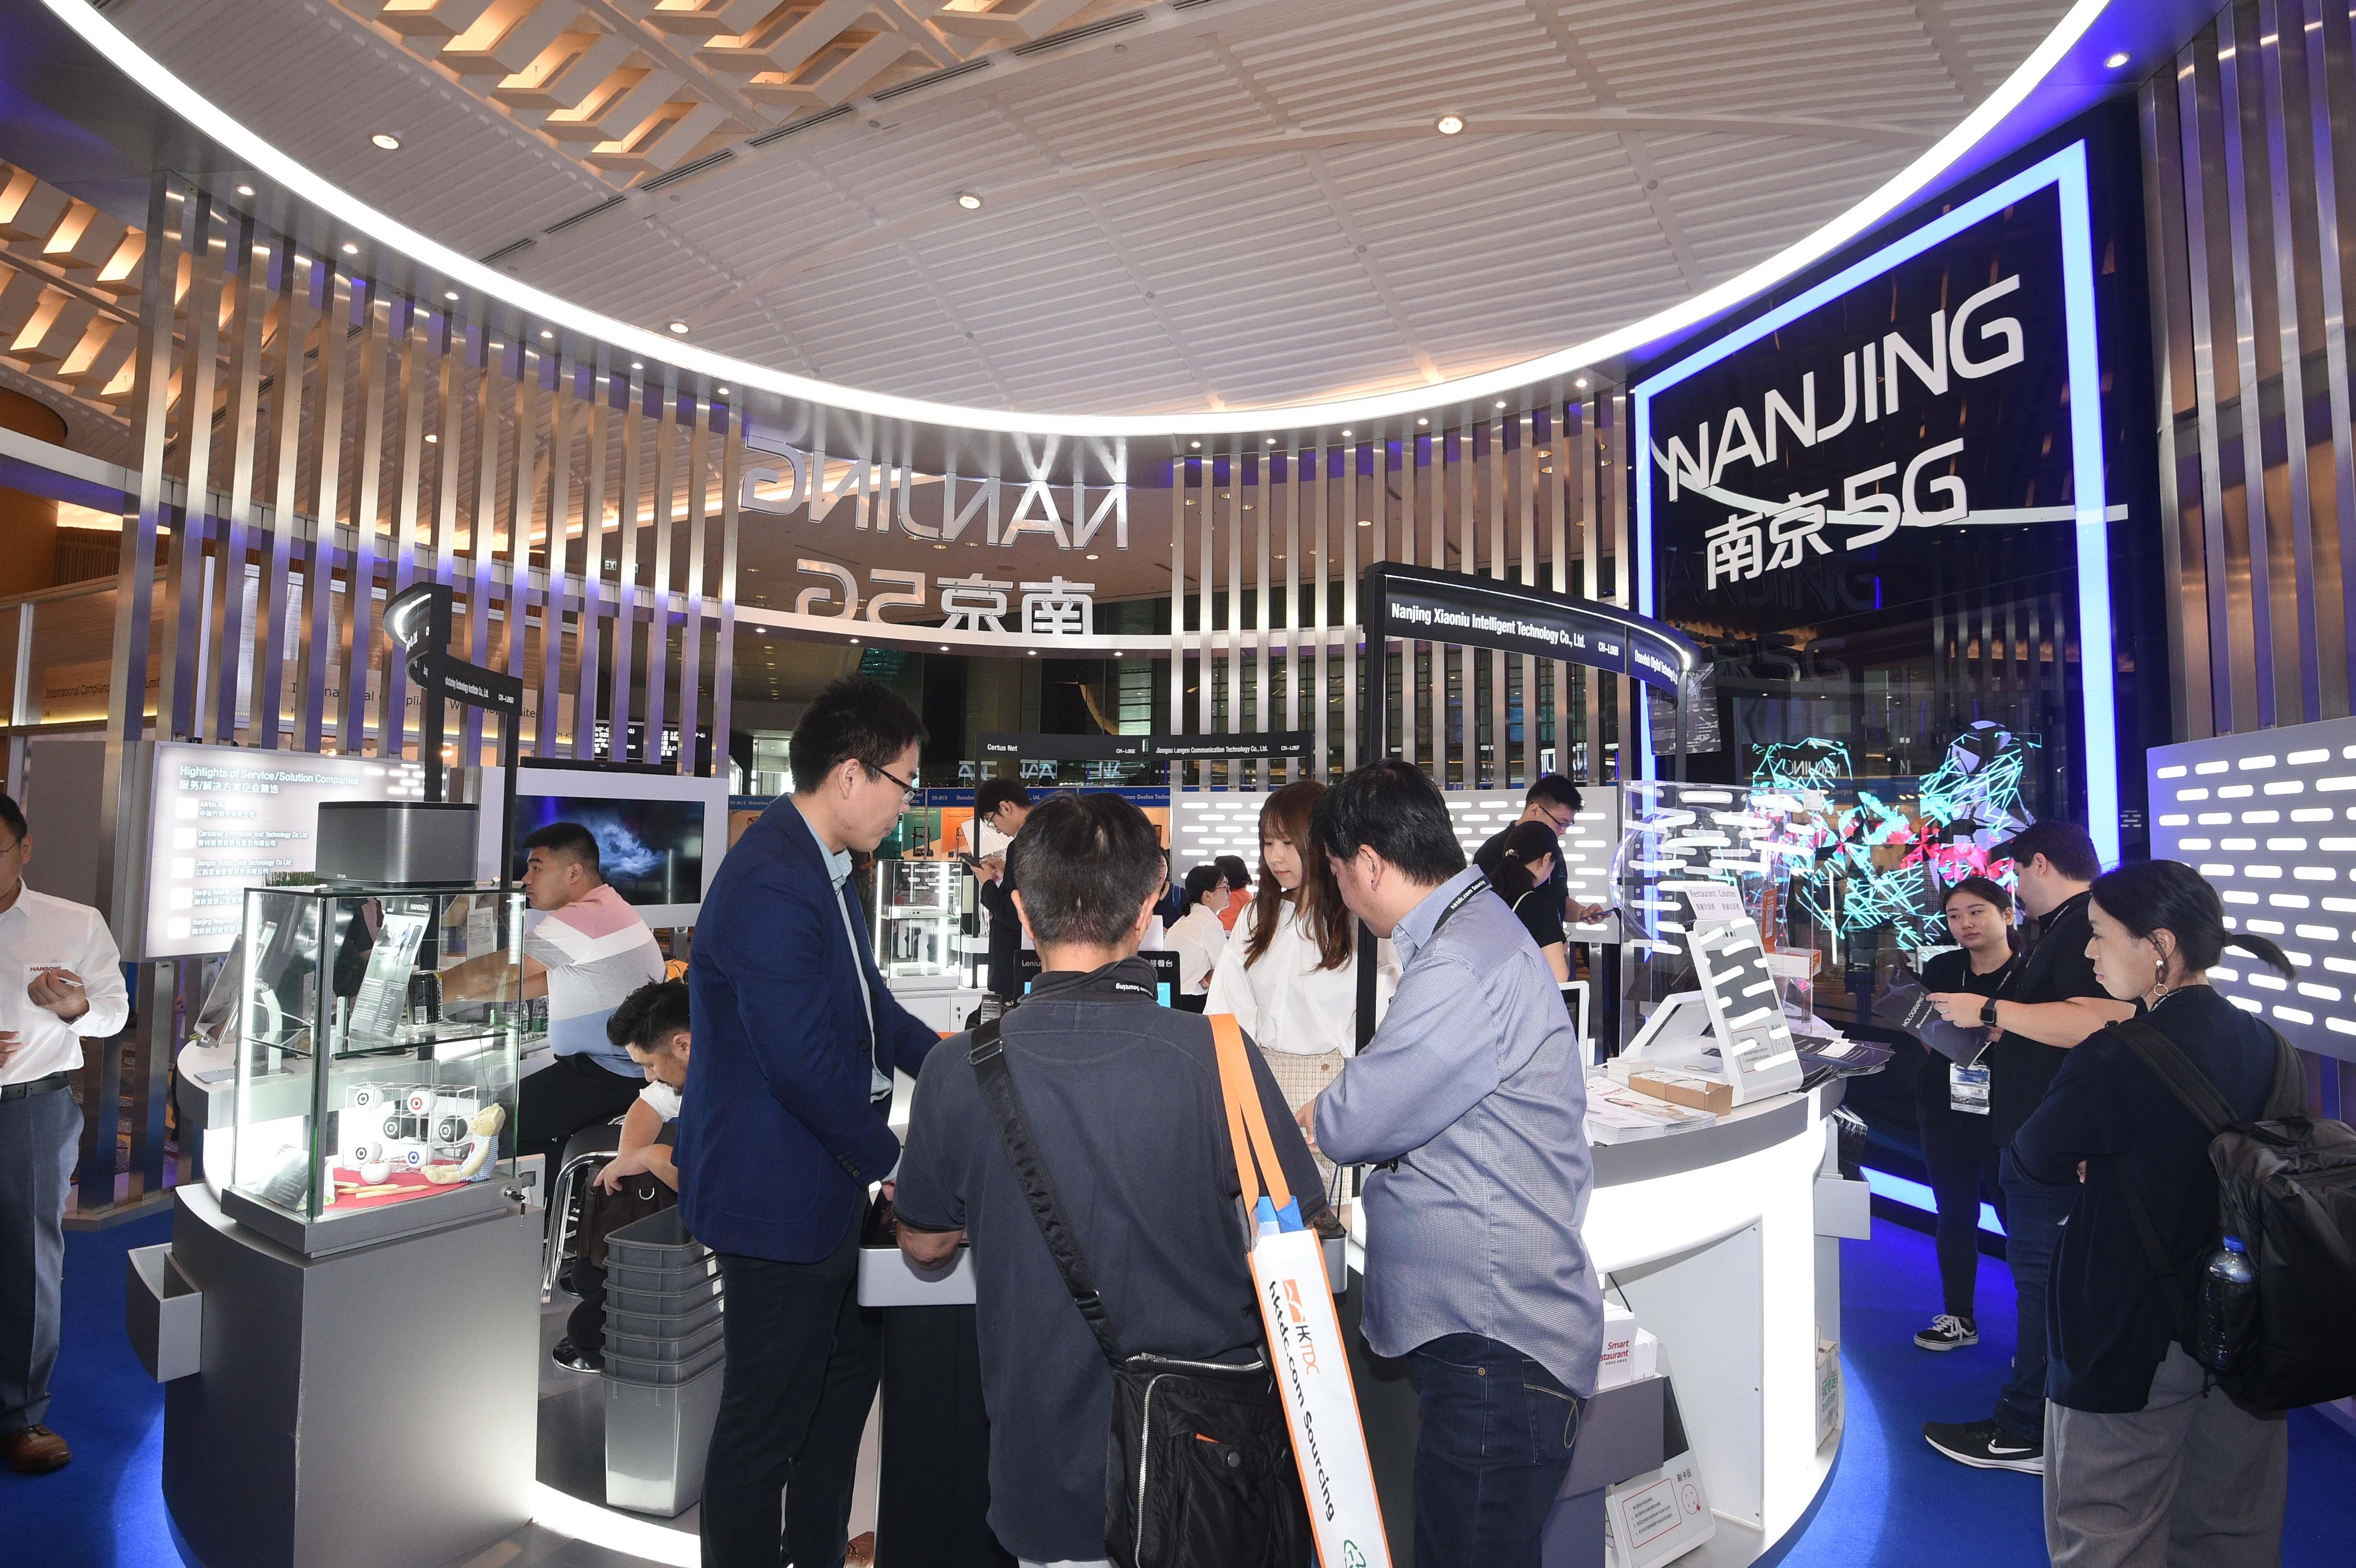 Hong Kong Electronics Fair 2020.Hong Kong Electronics Tradefairs Thrive Despite Protests